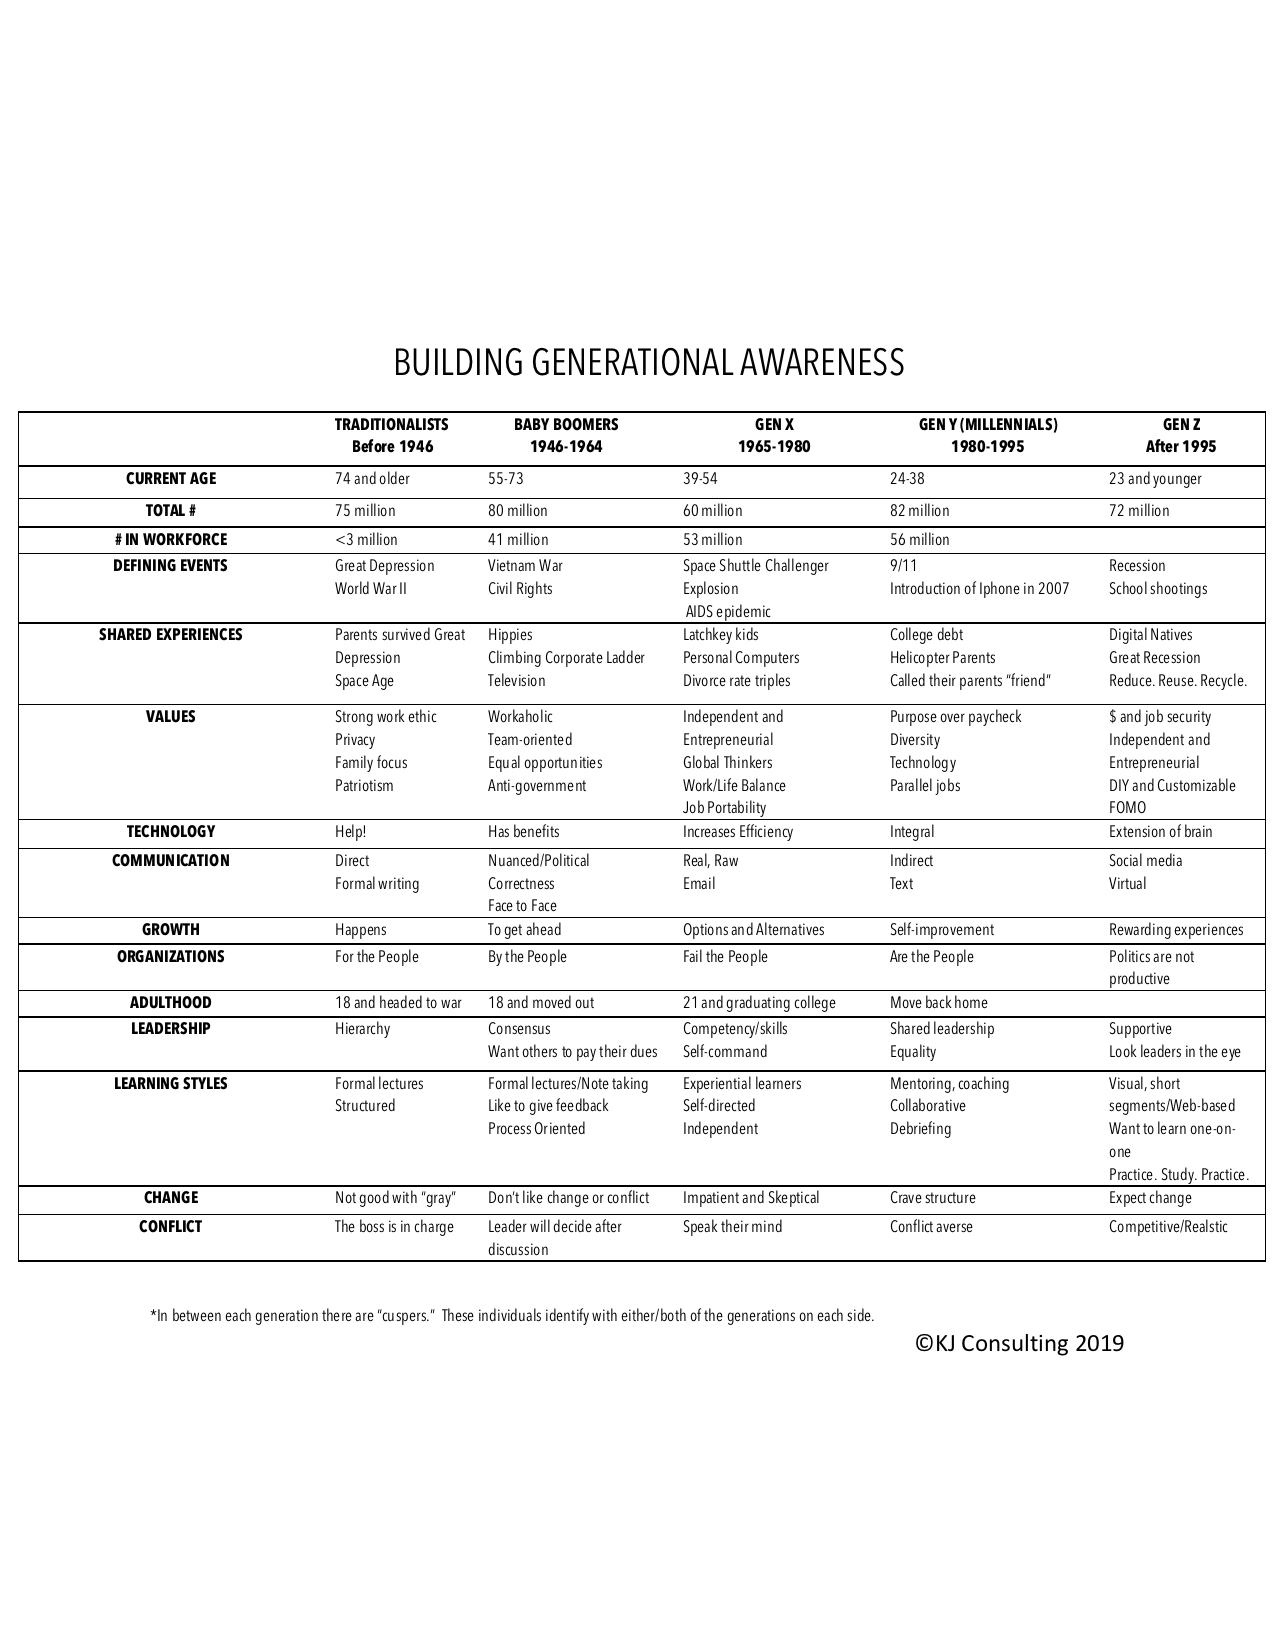 Generational Table generational expert Millennials Gen Z.png